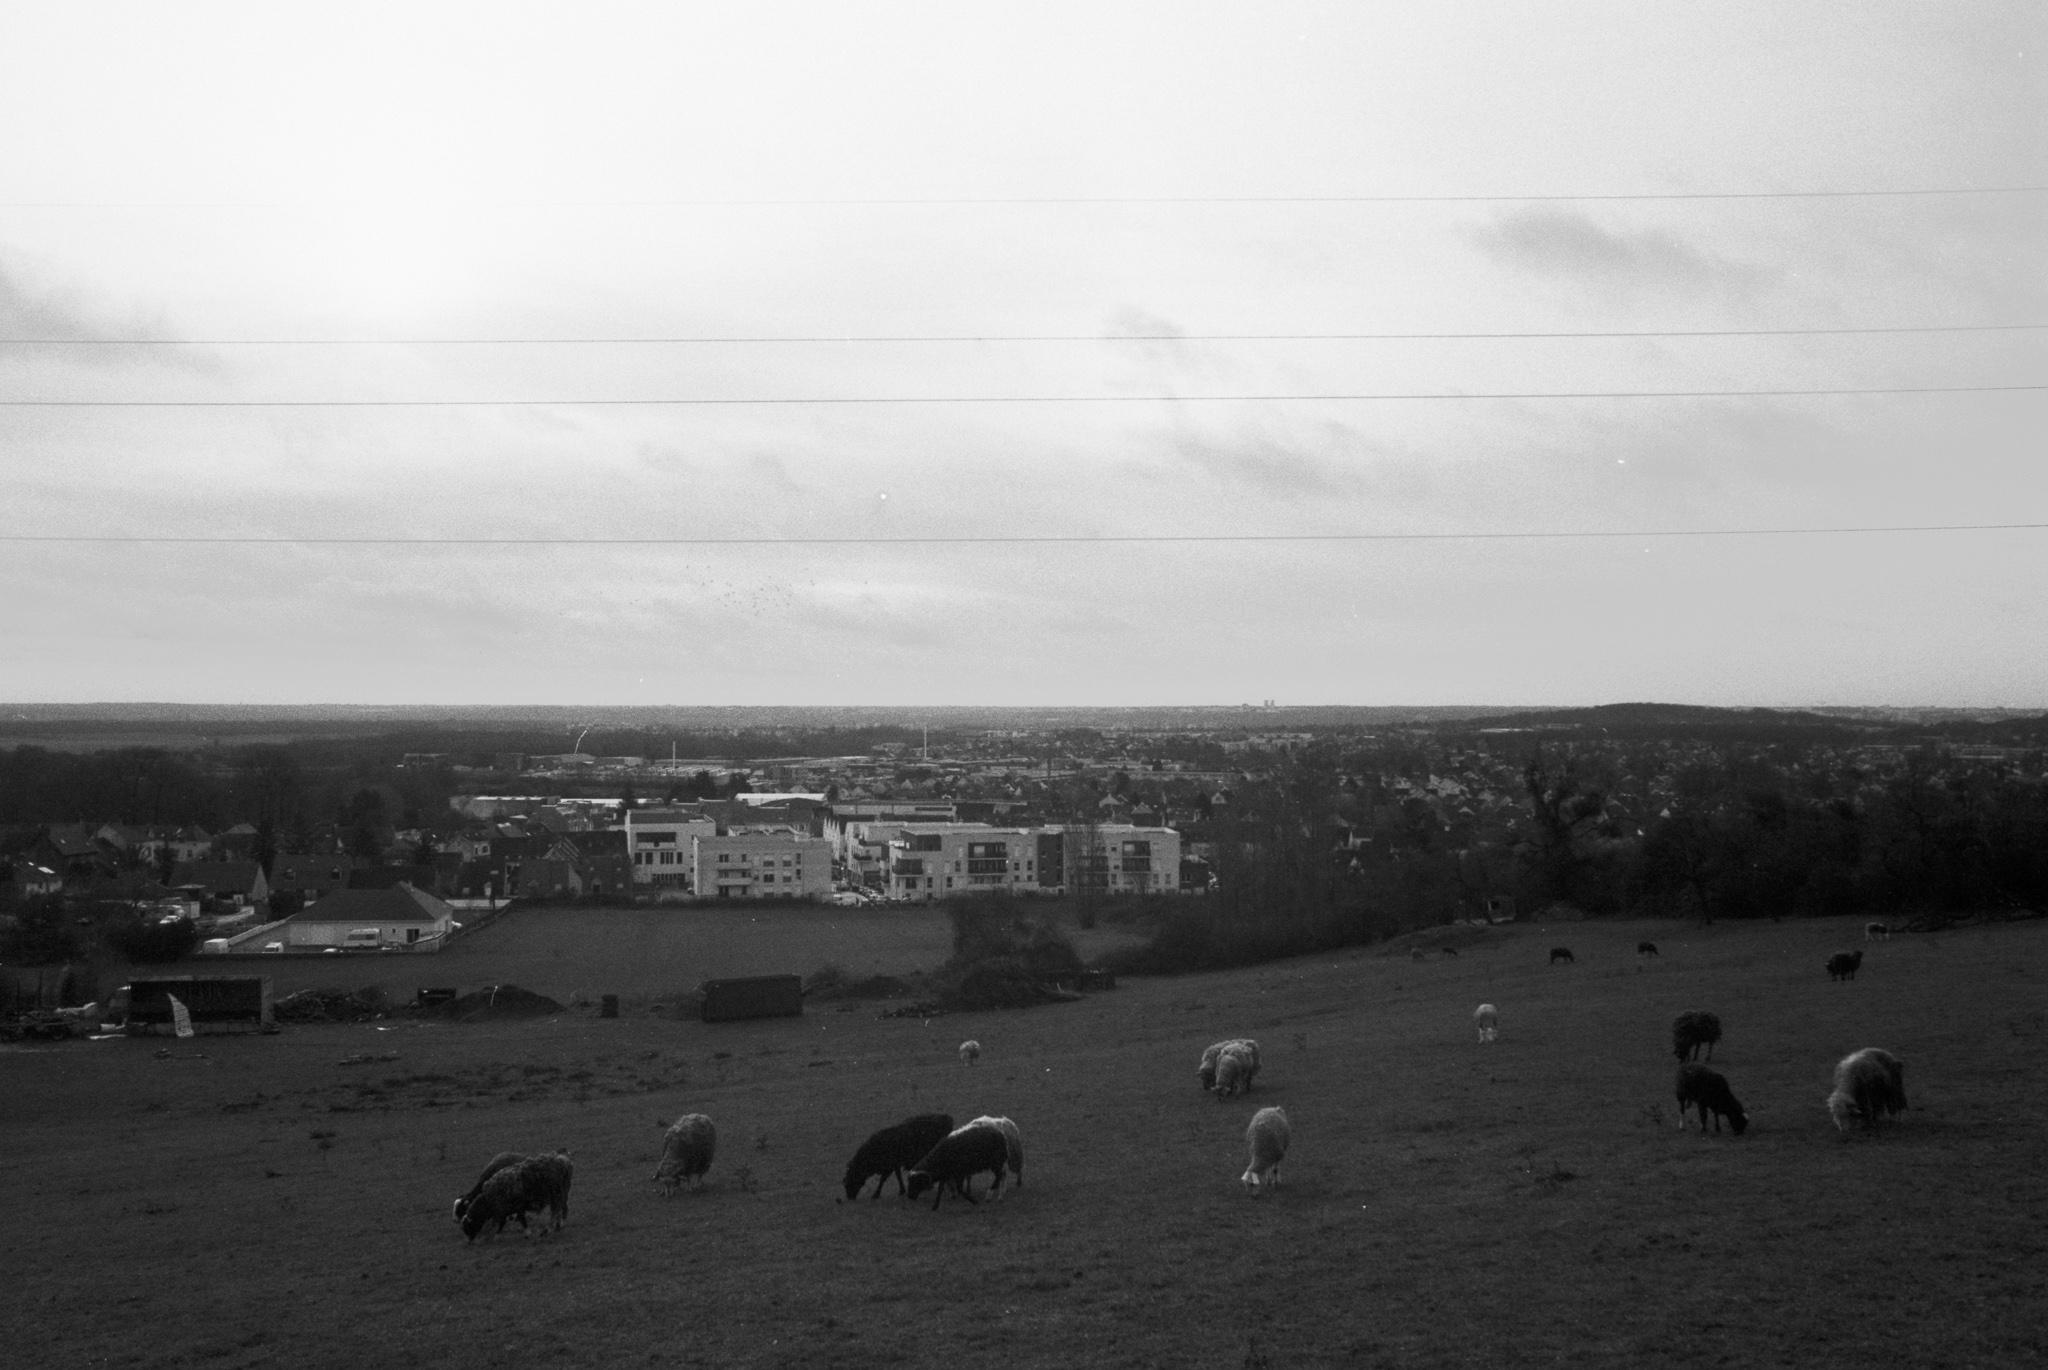 Photographie d'un décors rural avec des chèvres au premier plan et une ville à l'arrière plan